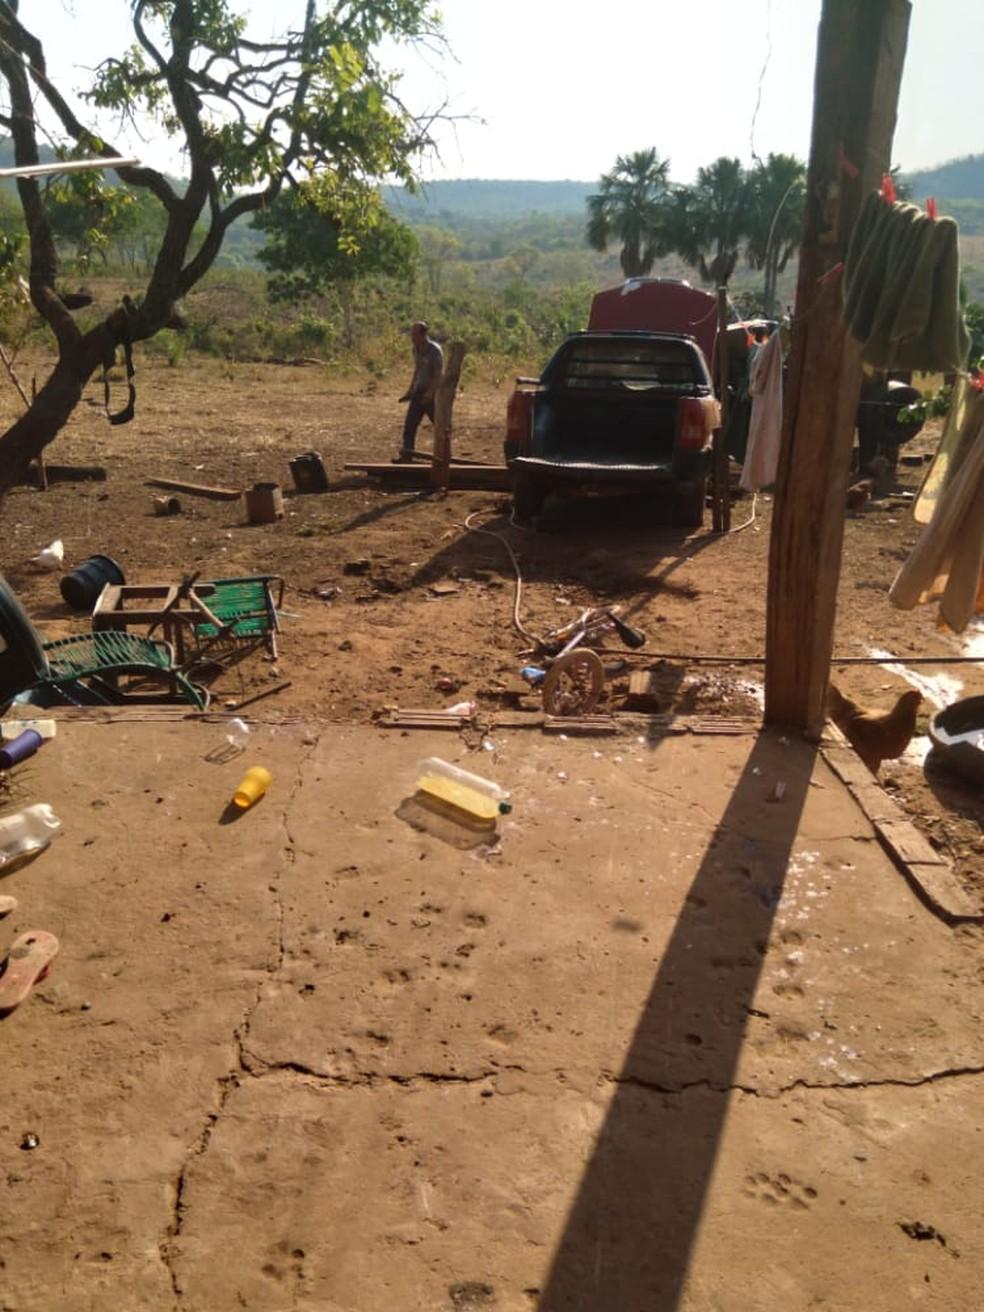 Carro estava na área, atropelou a criança e atingiu um trator — Foto: Polícia Civil de Mato Grosso